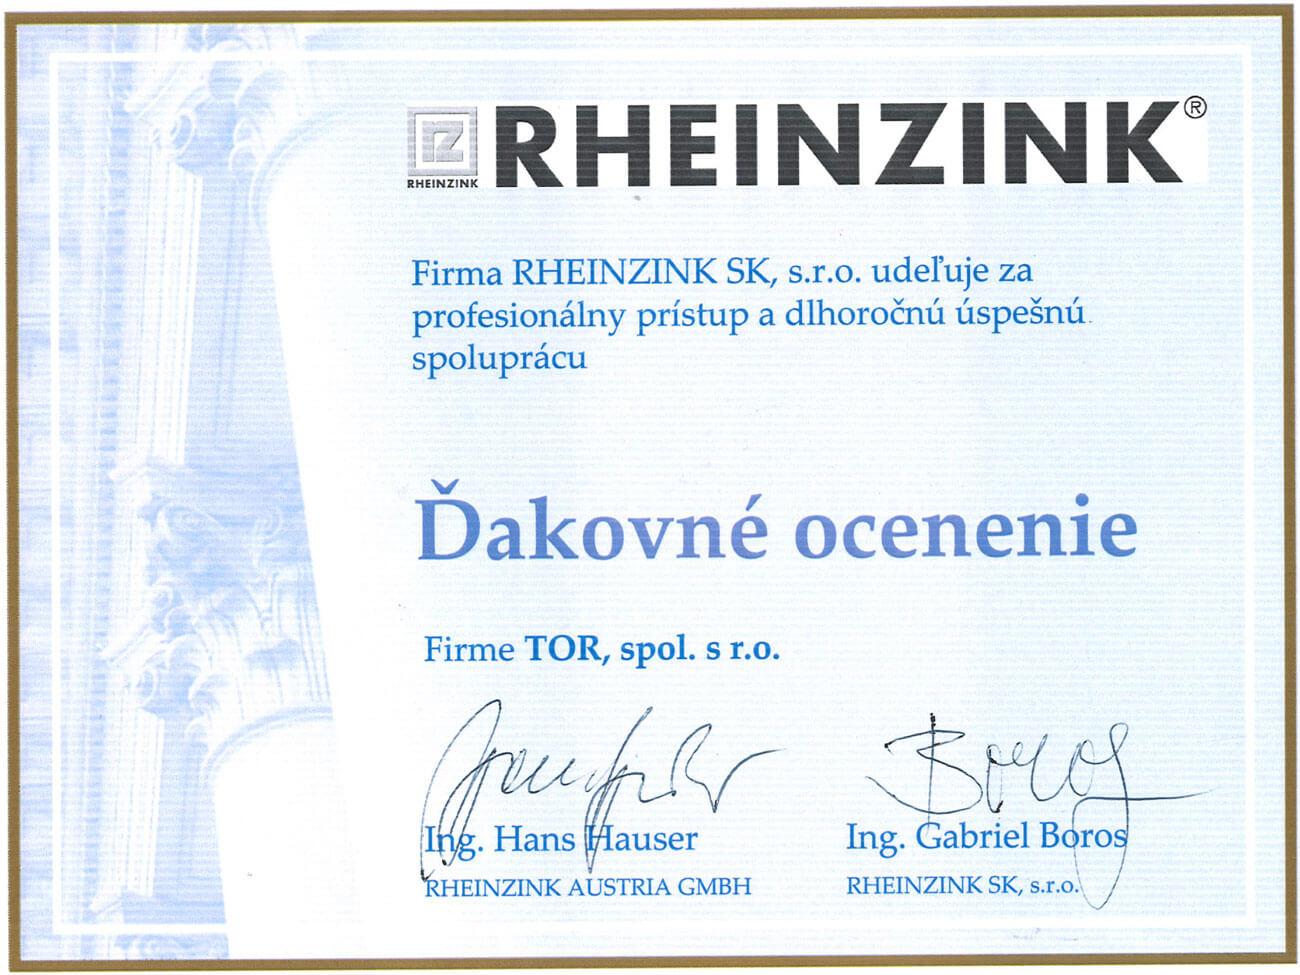 Ďakovné ocenenie RHEINZINK